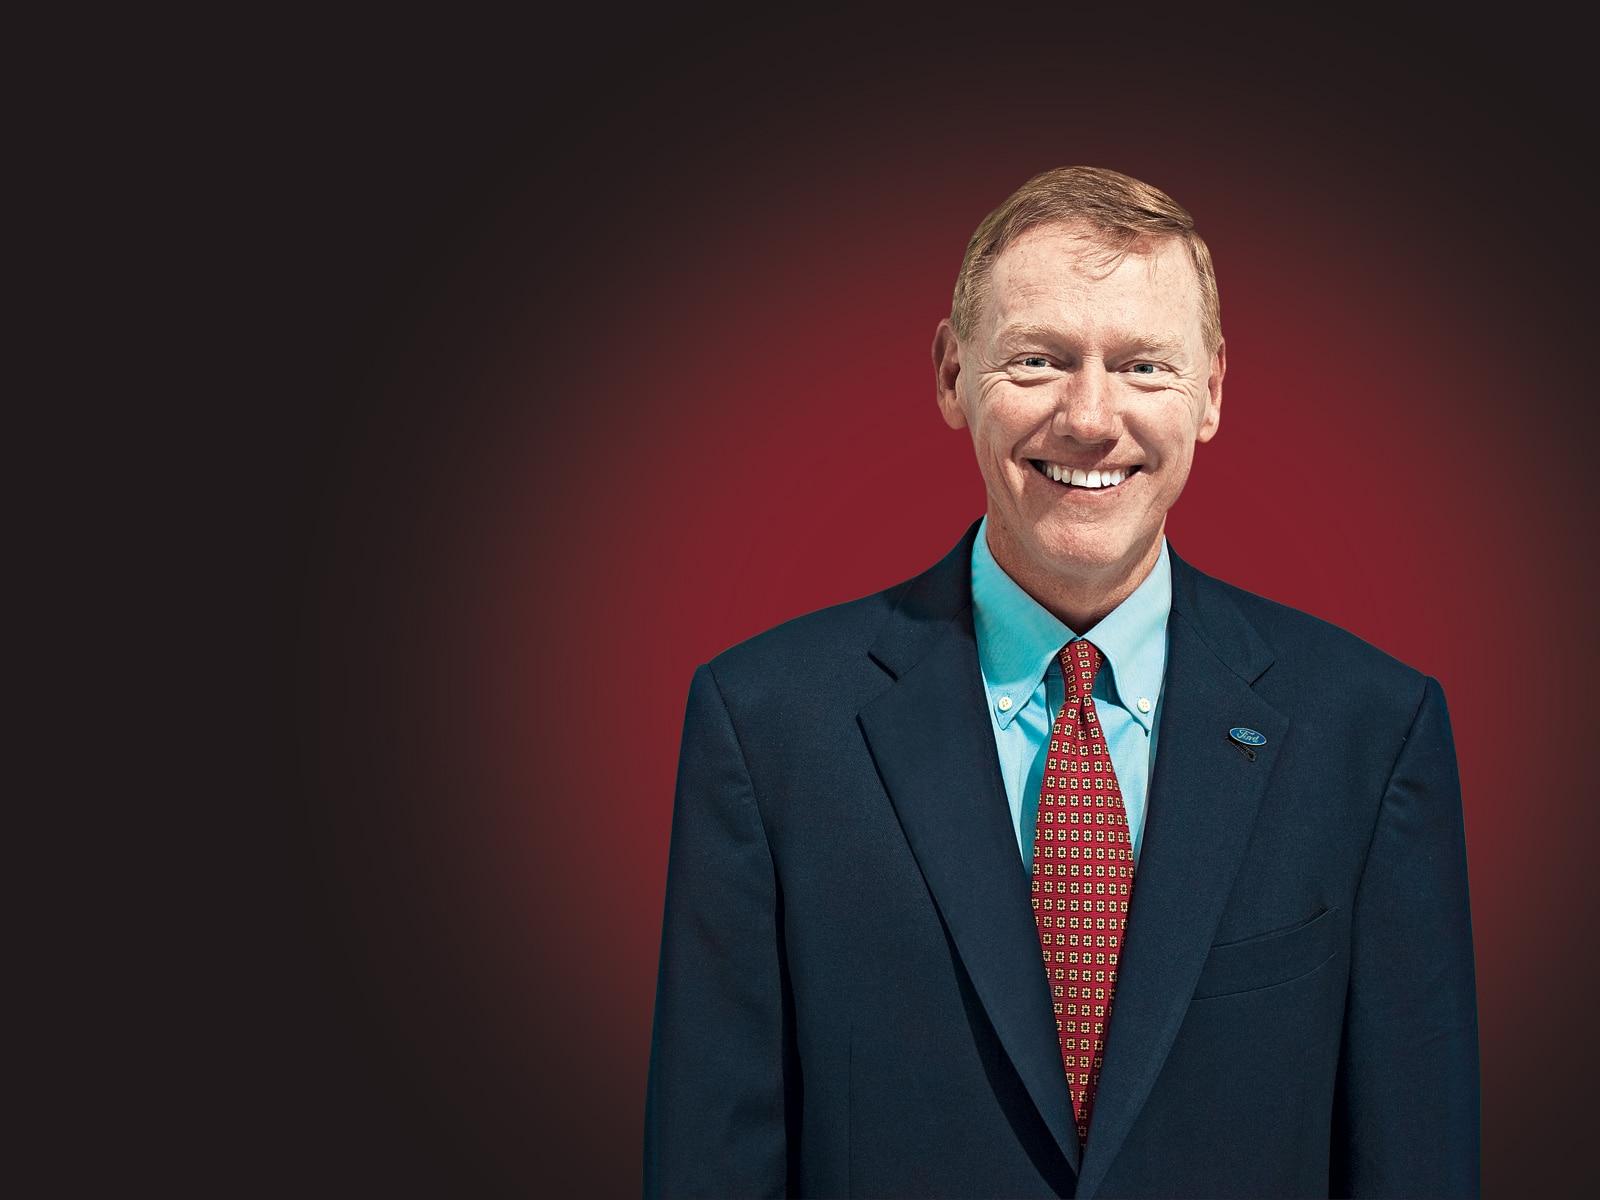 1001 01 Z Alan Mulally CEO Ford Motor Company